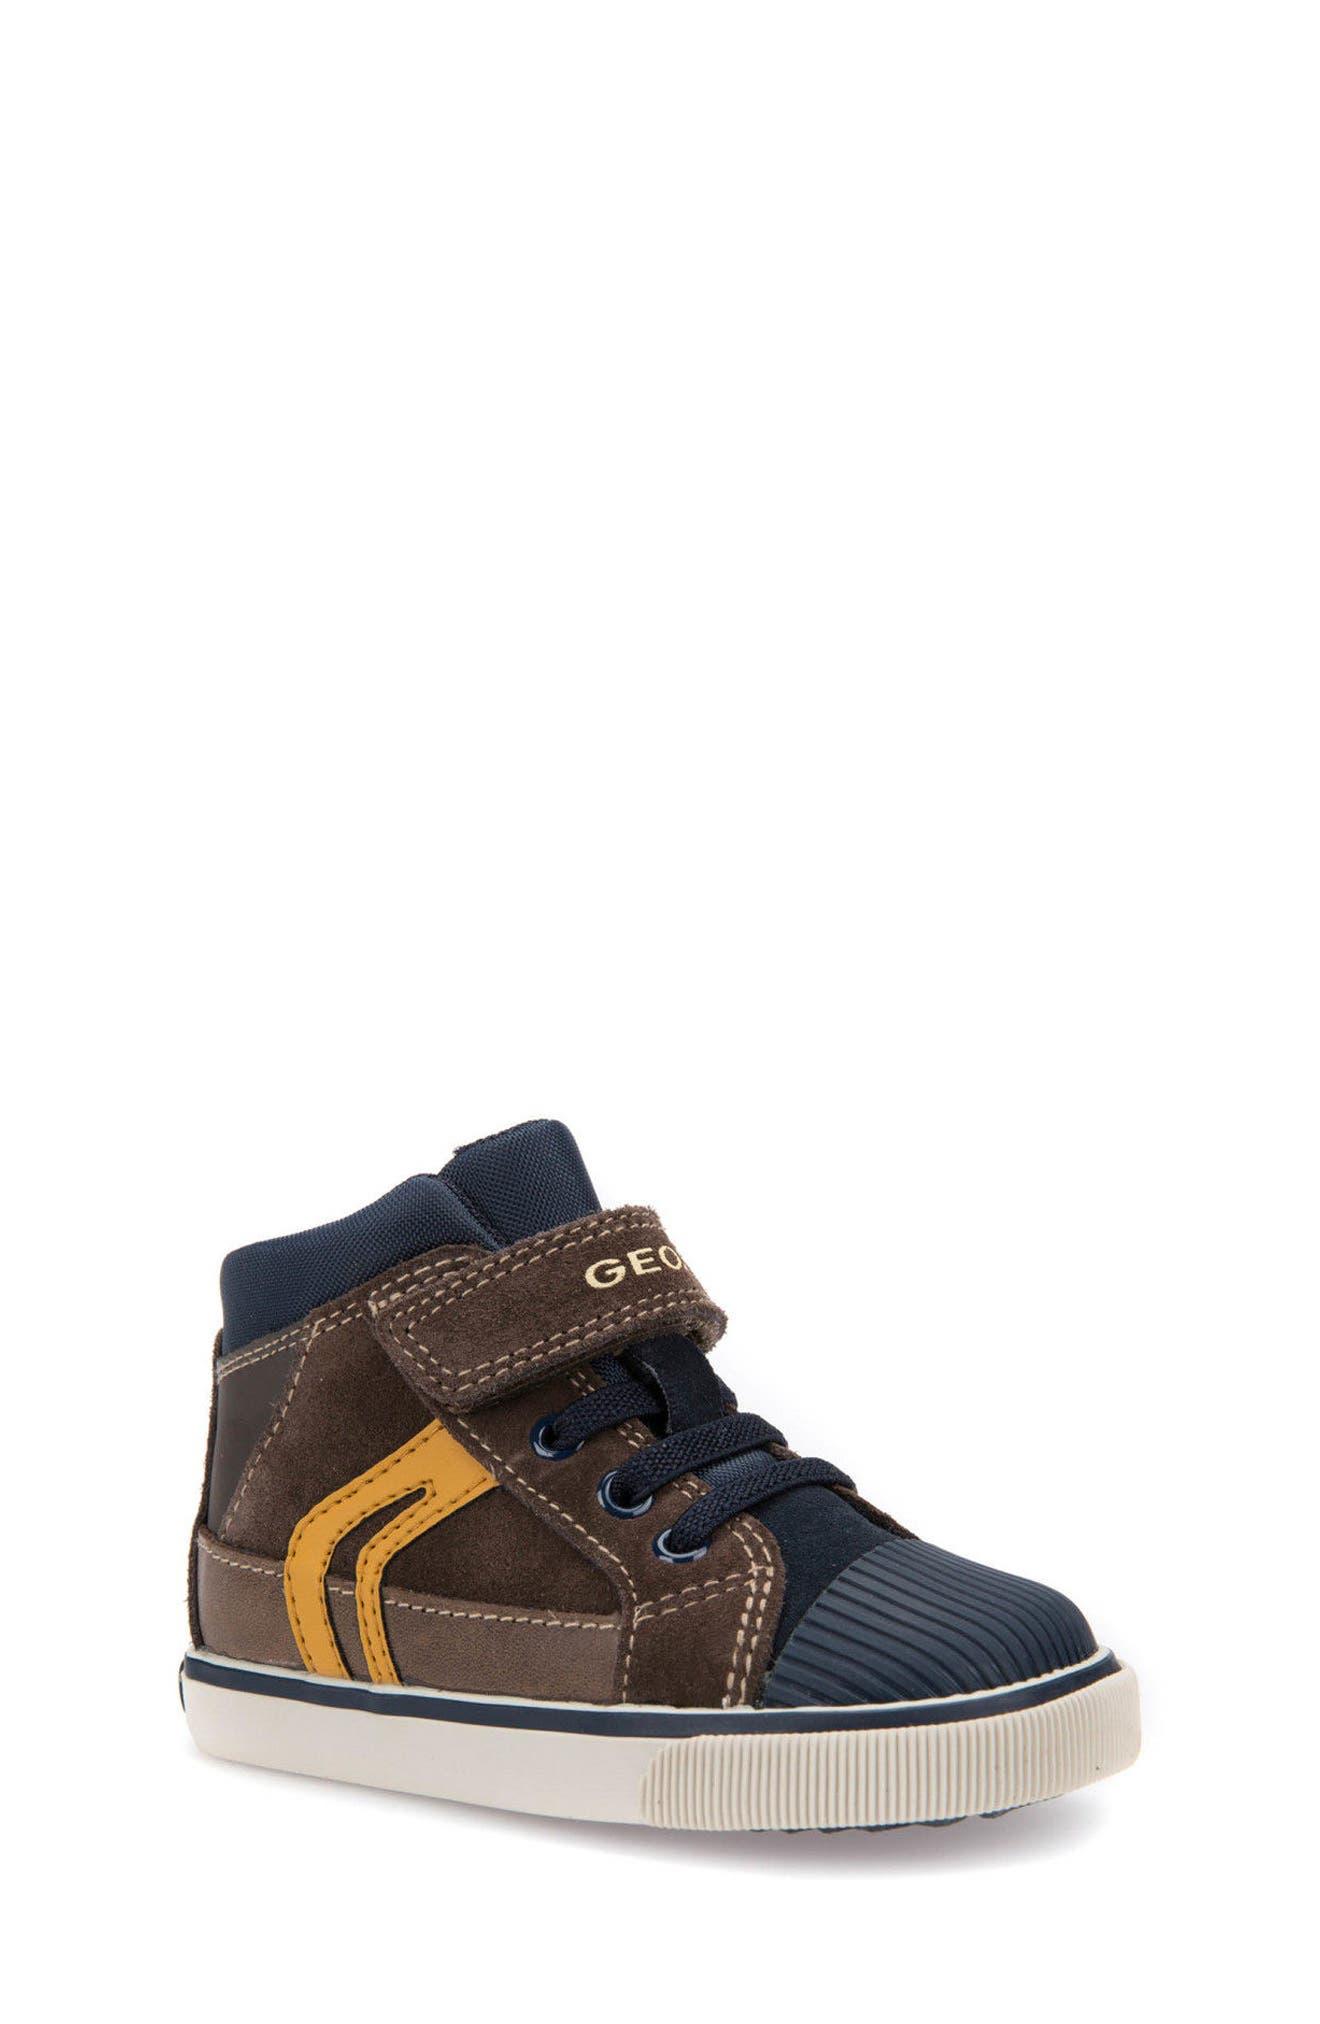 GEOX Kiwi High Top Sneaker